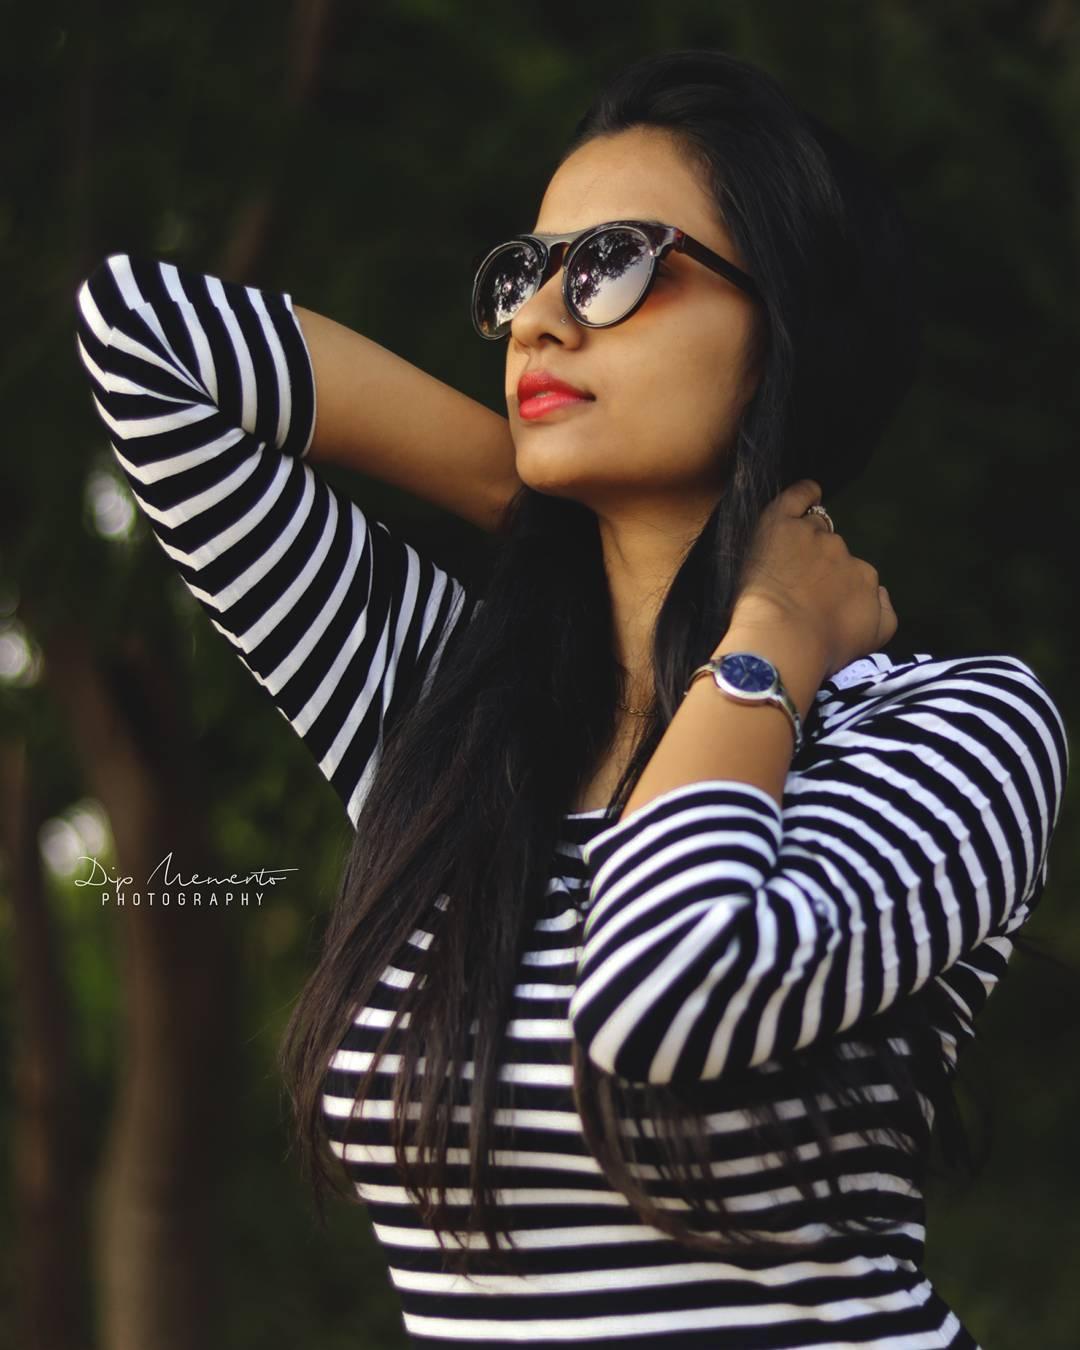 Dip Memento Photography,  PortraitVision, ahmedabadfashion, ahmedabadfashionblogger, 50mm, printshoot, womensportraiture, beautifulwomen, girlsportrait, photoholic, portfolioshoot, folioshoot, catalogshoot, girlsfashions, portraitphotography, portrait, fashionphotography, FashionShoot, photography, picoftheday, modelpose, modelphotography, boldmodel, hotpics, sexy, bold, hot, indianfashionblogger, fashionblogger, ahmedabaddiaries, urbanfashion